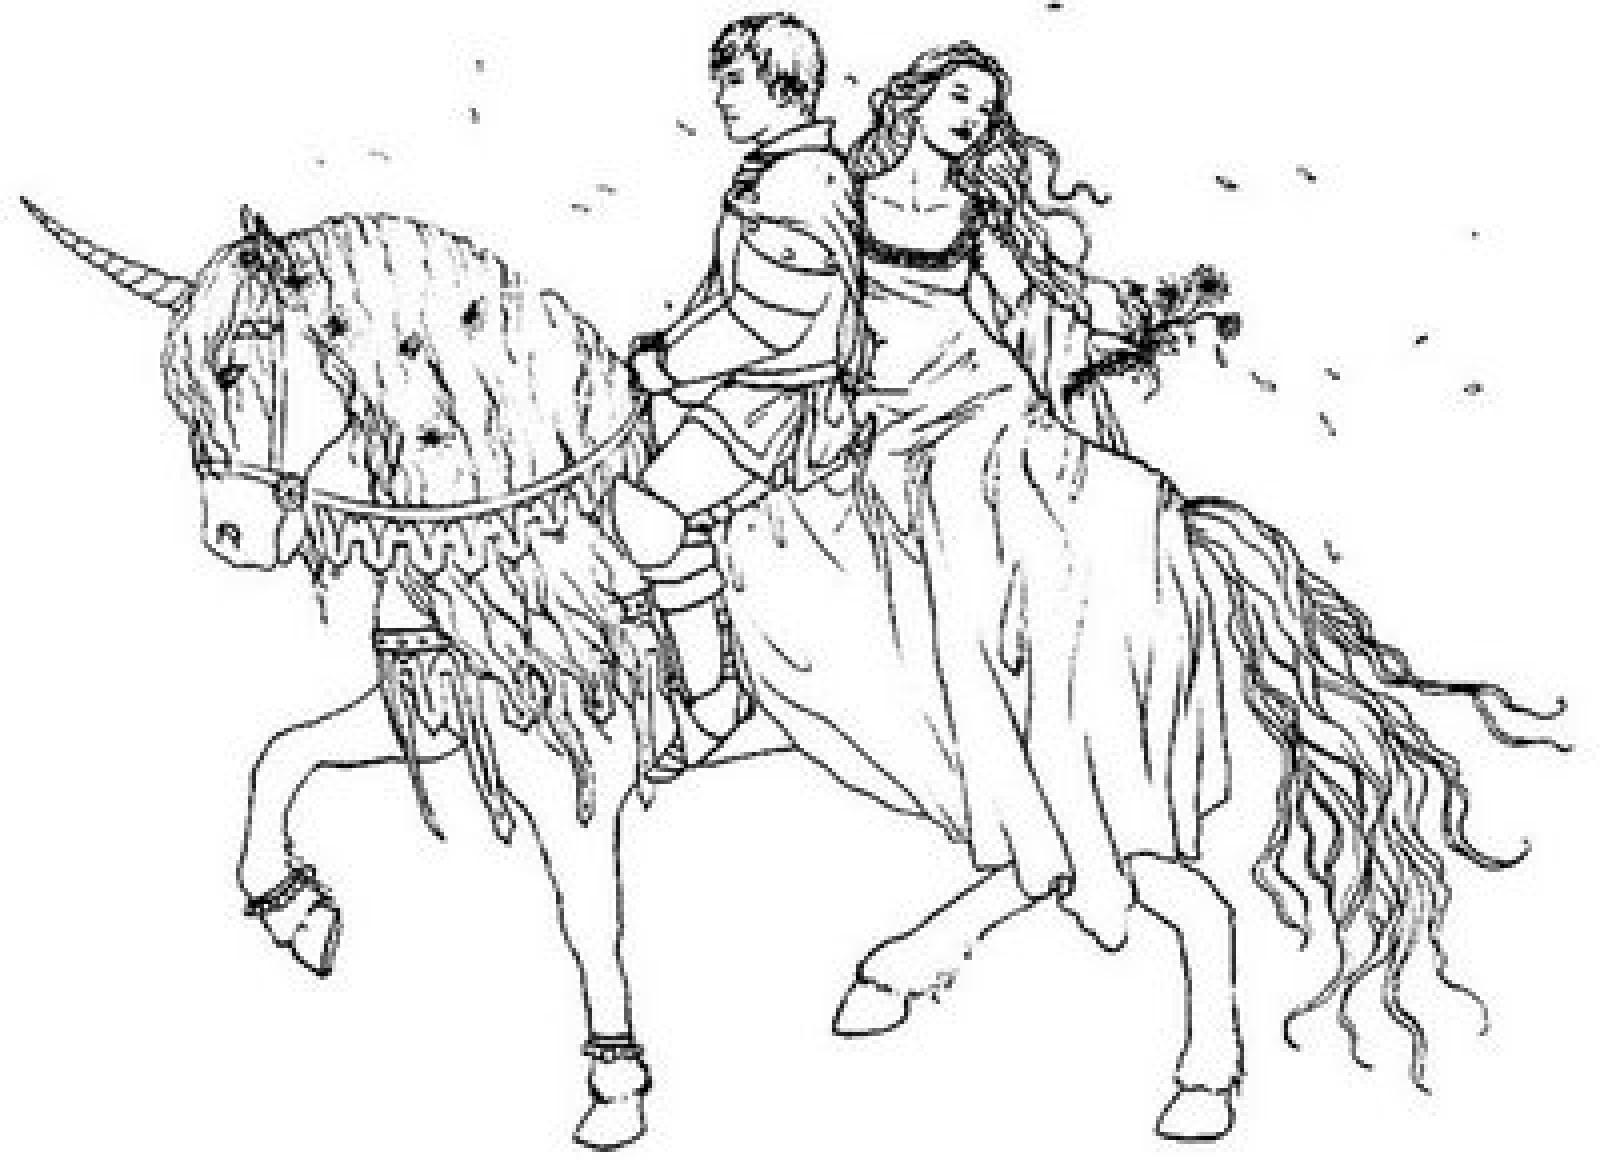 1600x1160 Prince And Princess Drawing Prince and princess on horse printable